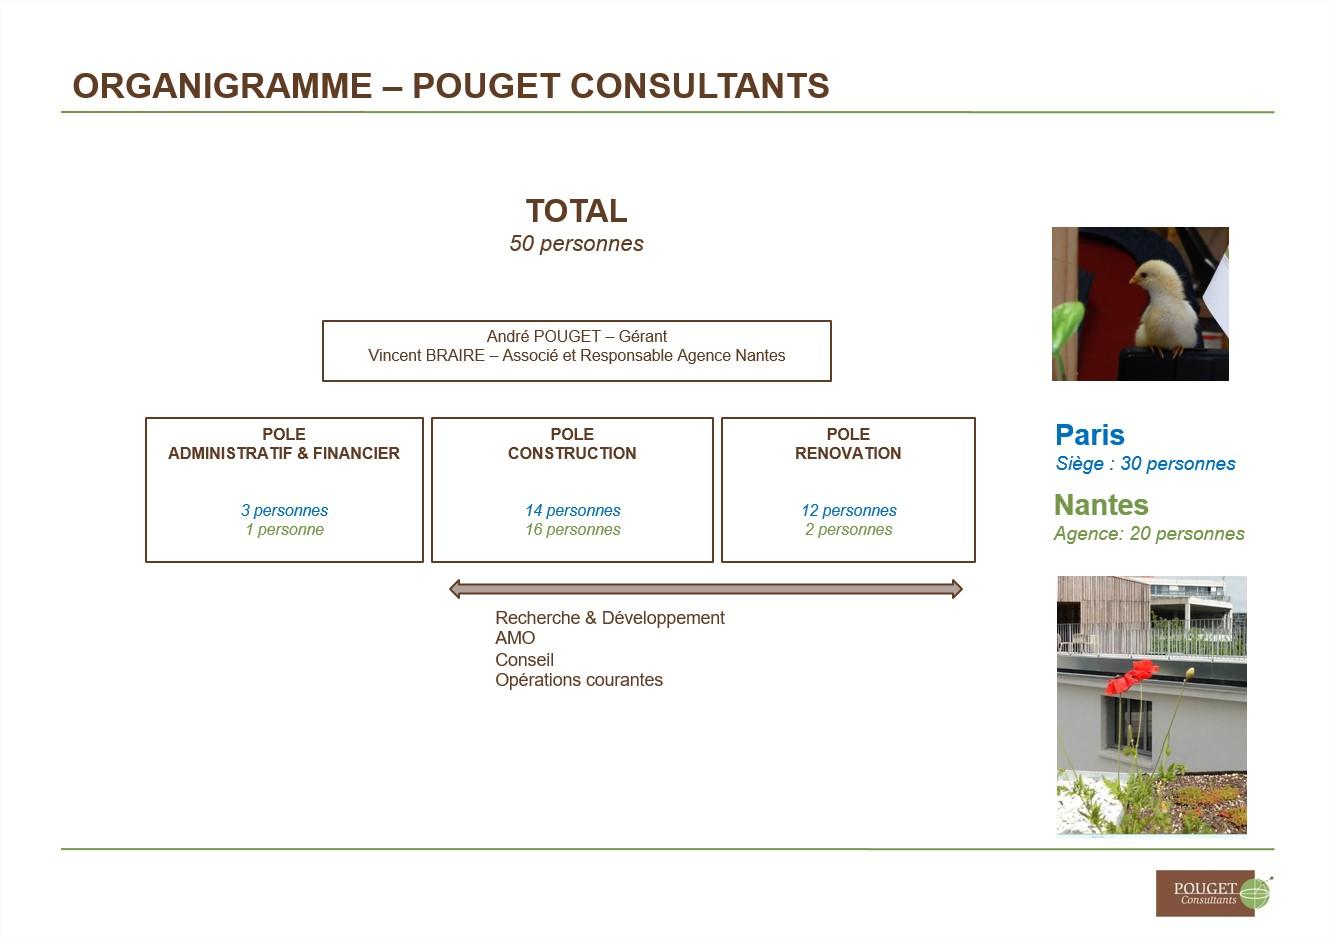 Organigramme août 2017.pptx [Mode protégé] - PowerPoint